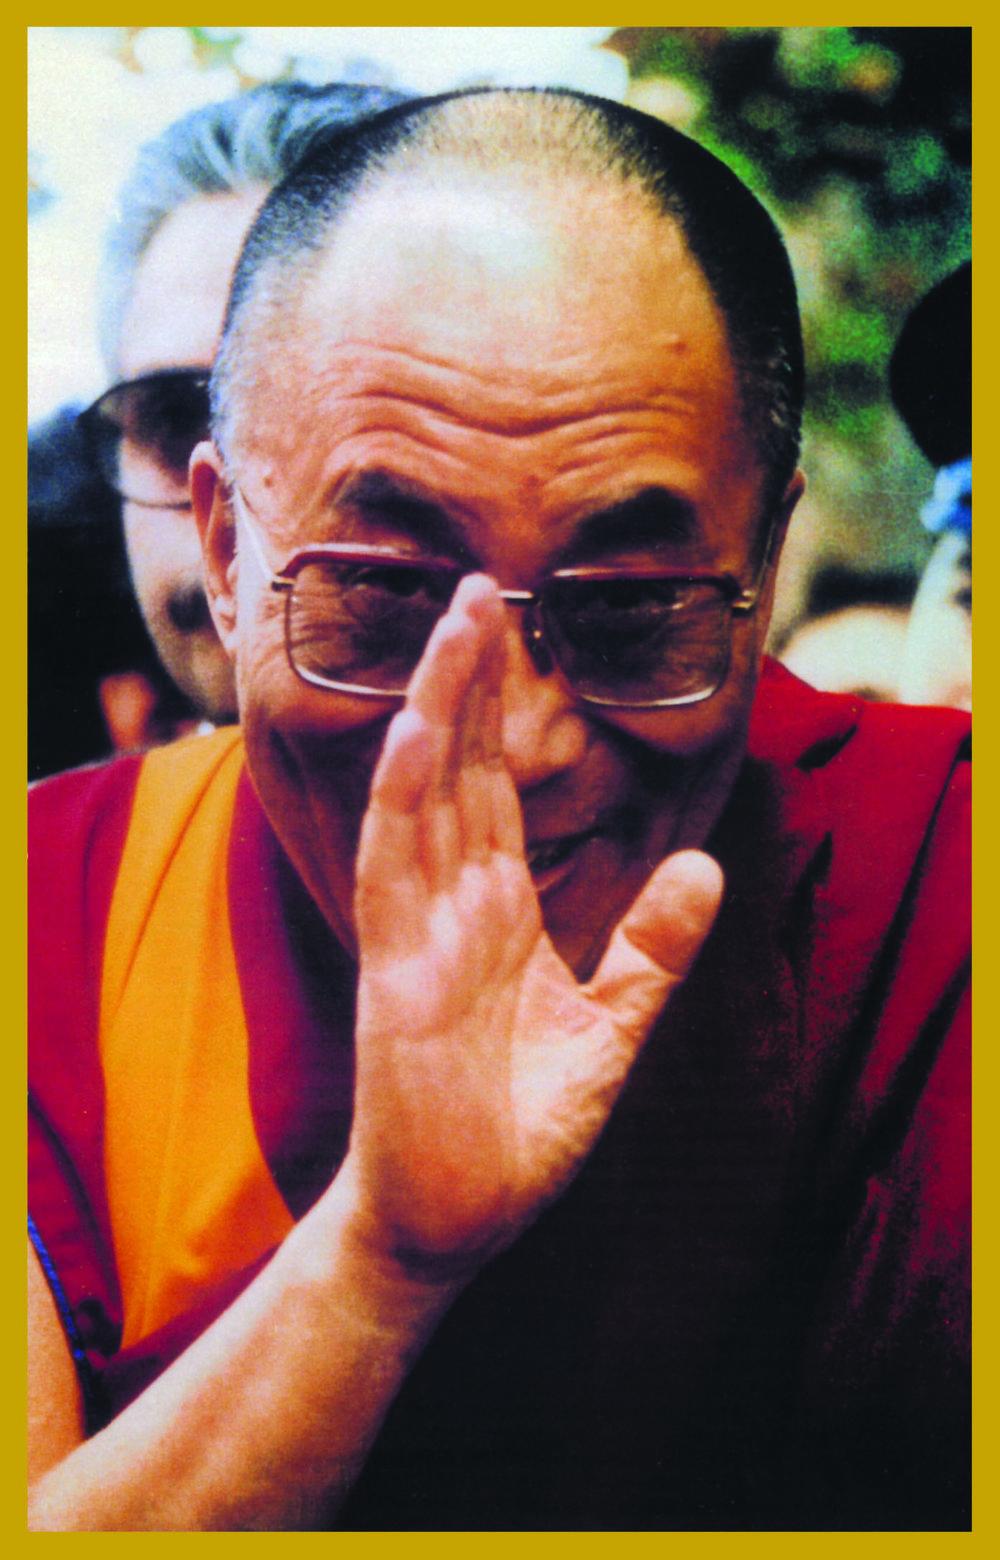 D-LAMThe Dalai LamaHis Holiness The Dalai Lama - His Holiness The Dalai Lama